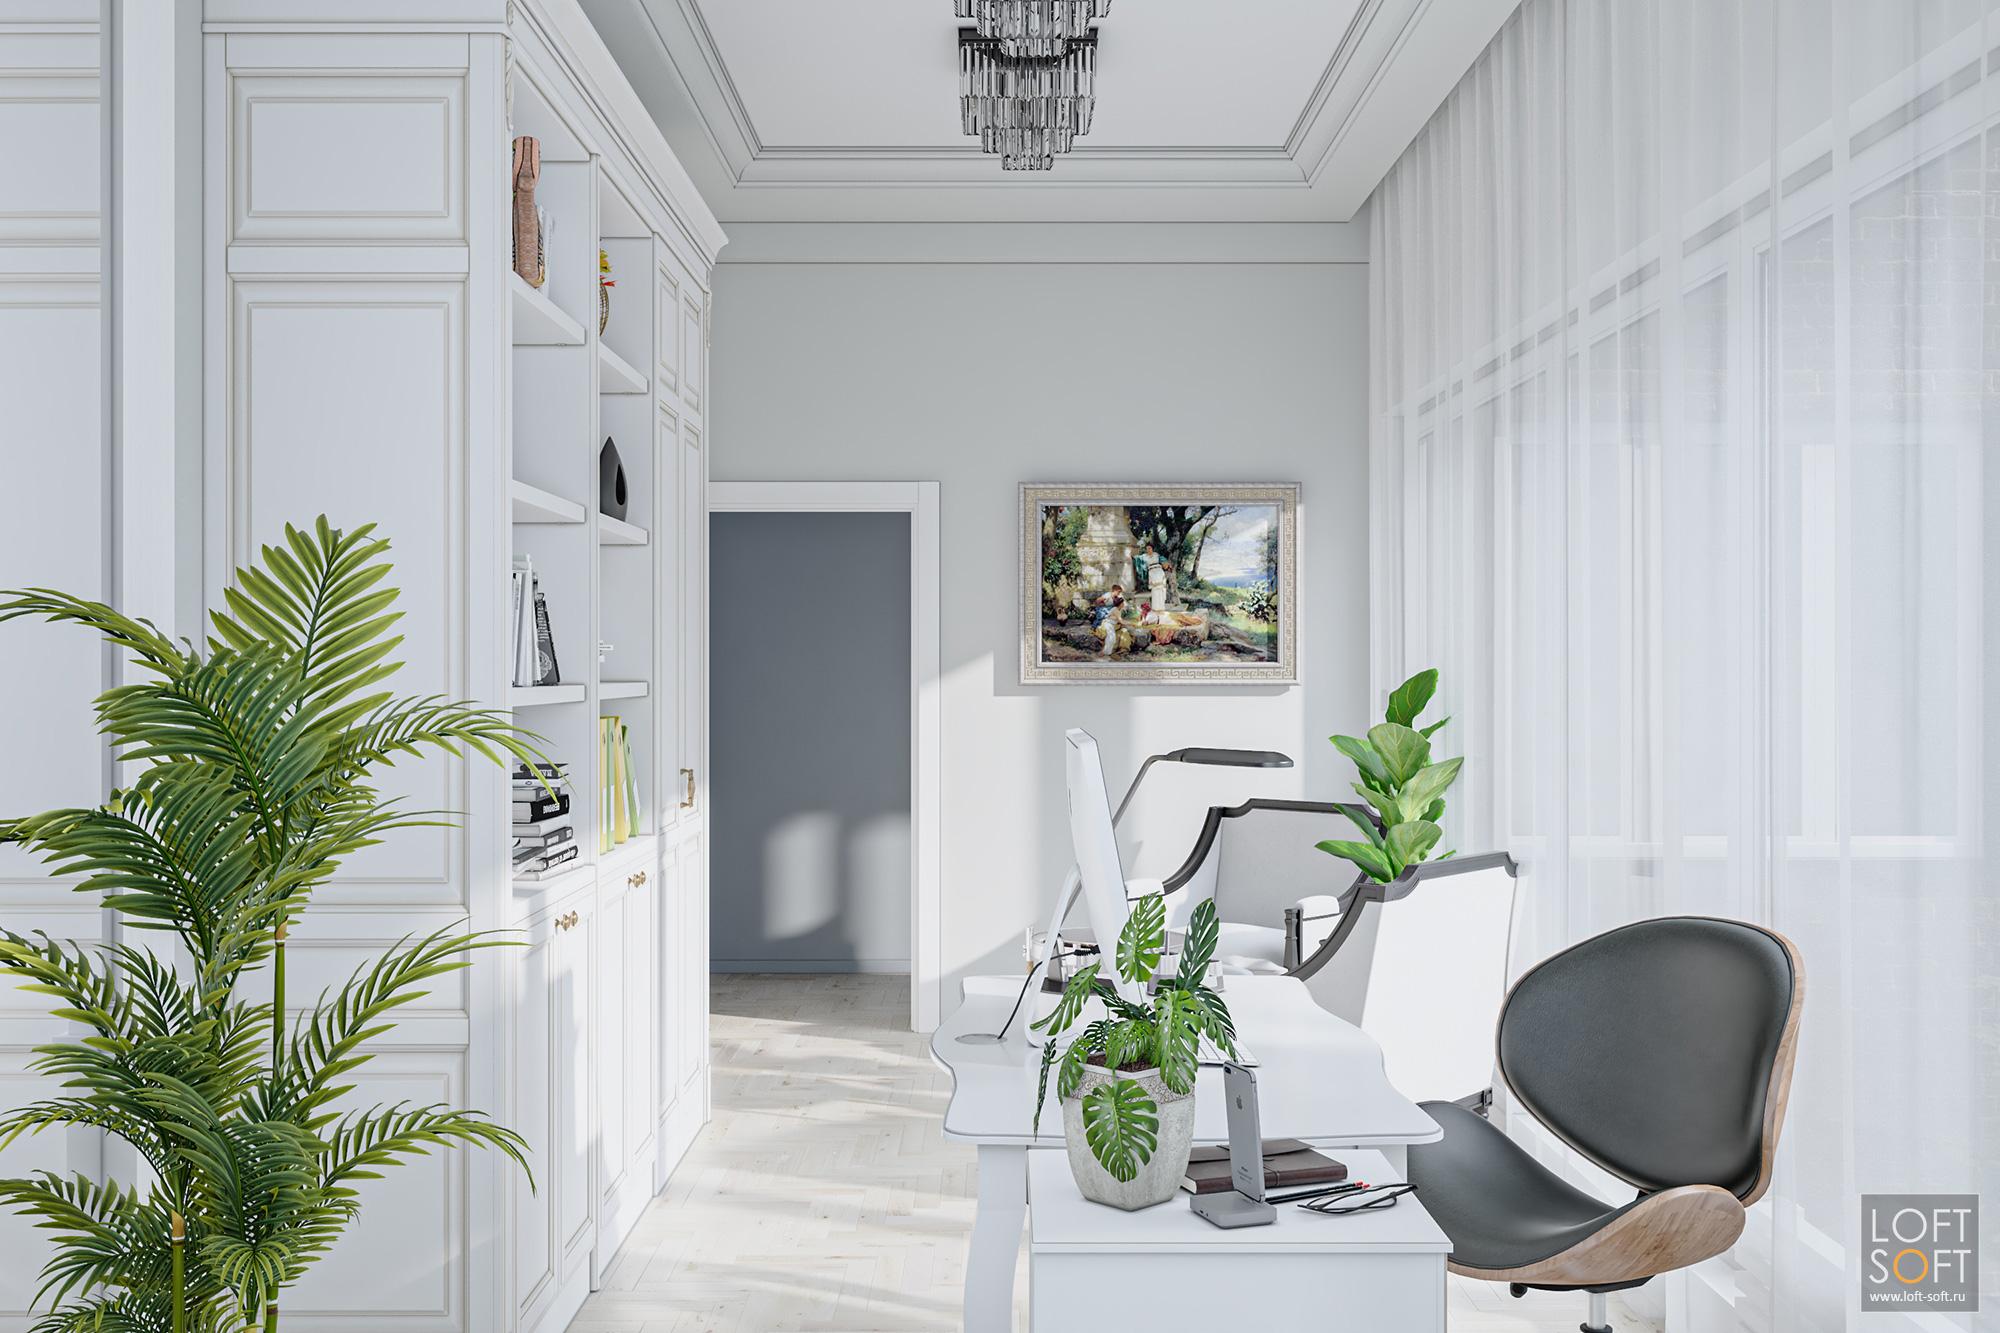 Офис встиле современная классика, дизайн кабинета руководителя